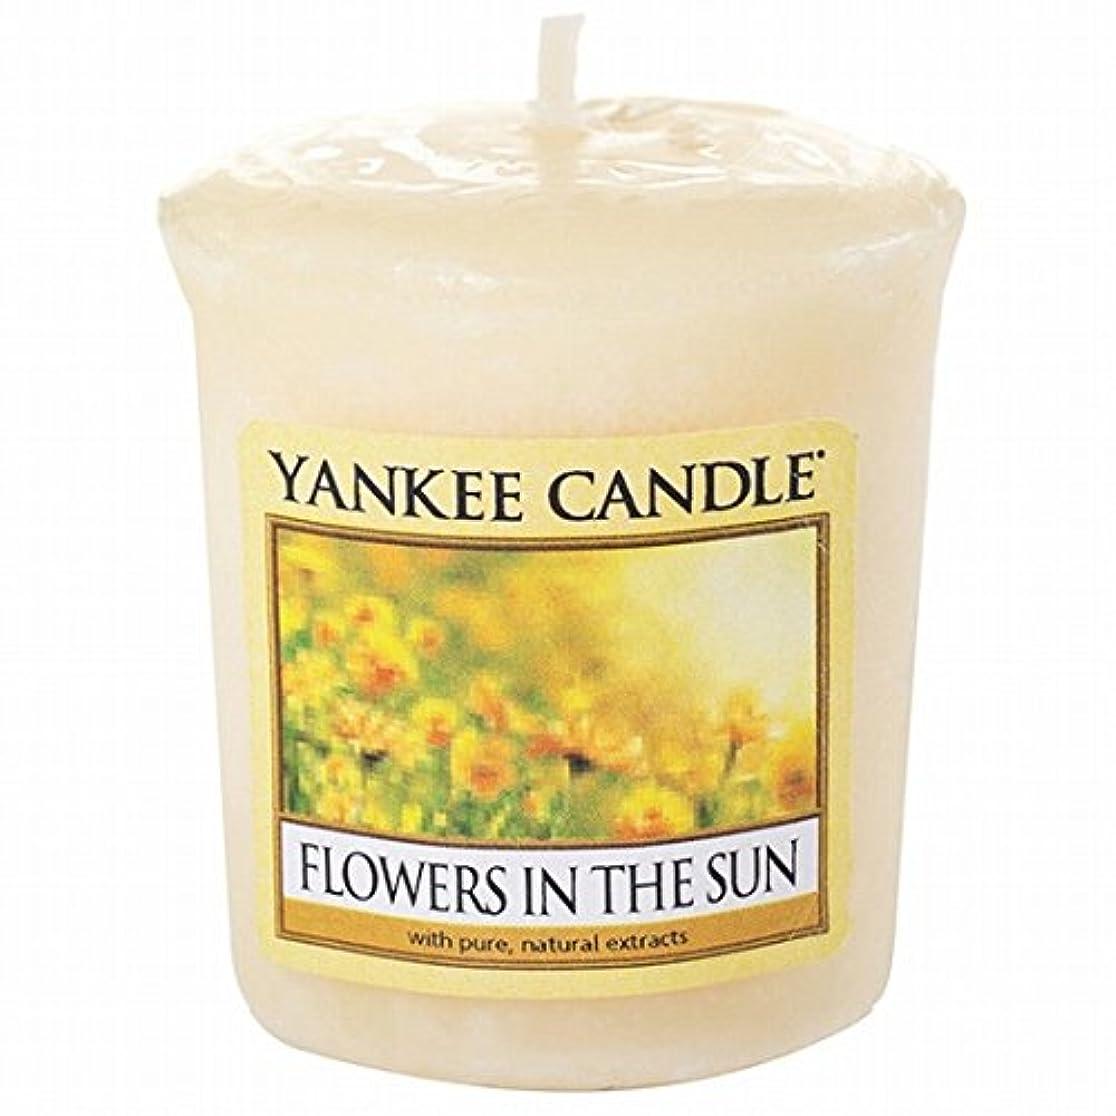 不条理割合タイルヤンキーキャンドル(YANKEE CANDLE) YANKEE CANDLE サンプラー 「フラワーインザサン」